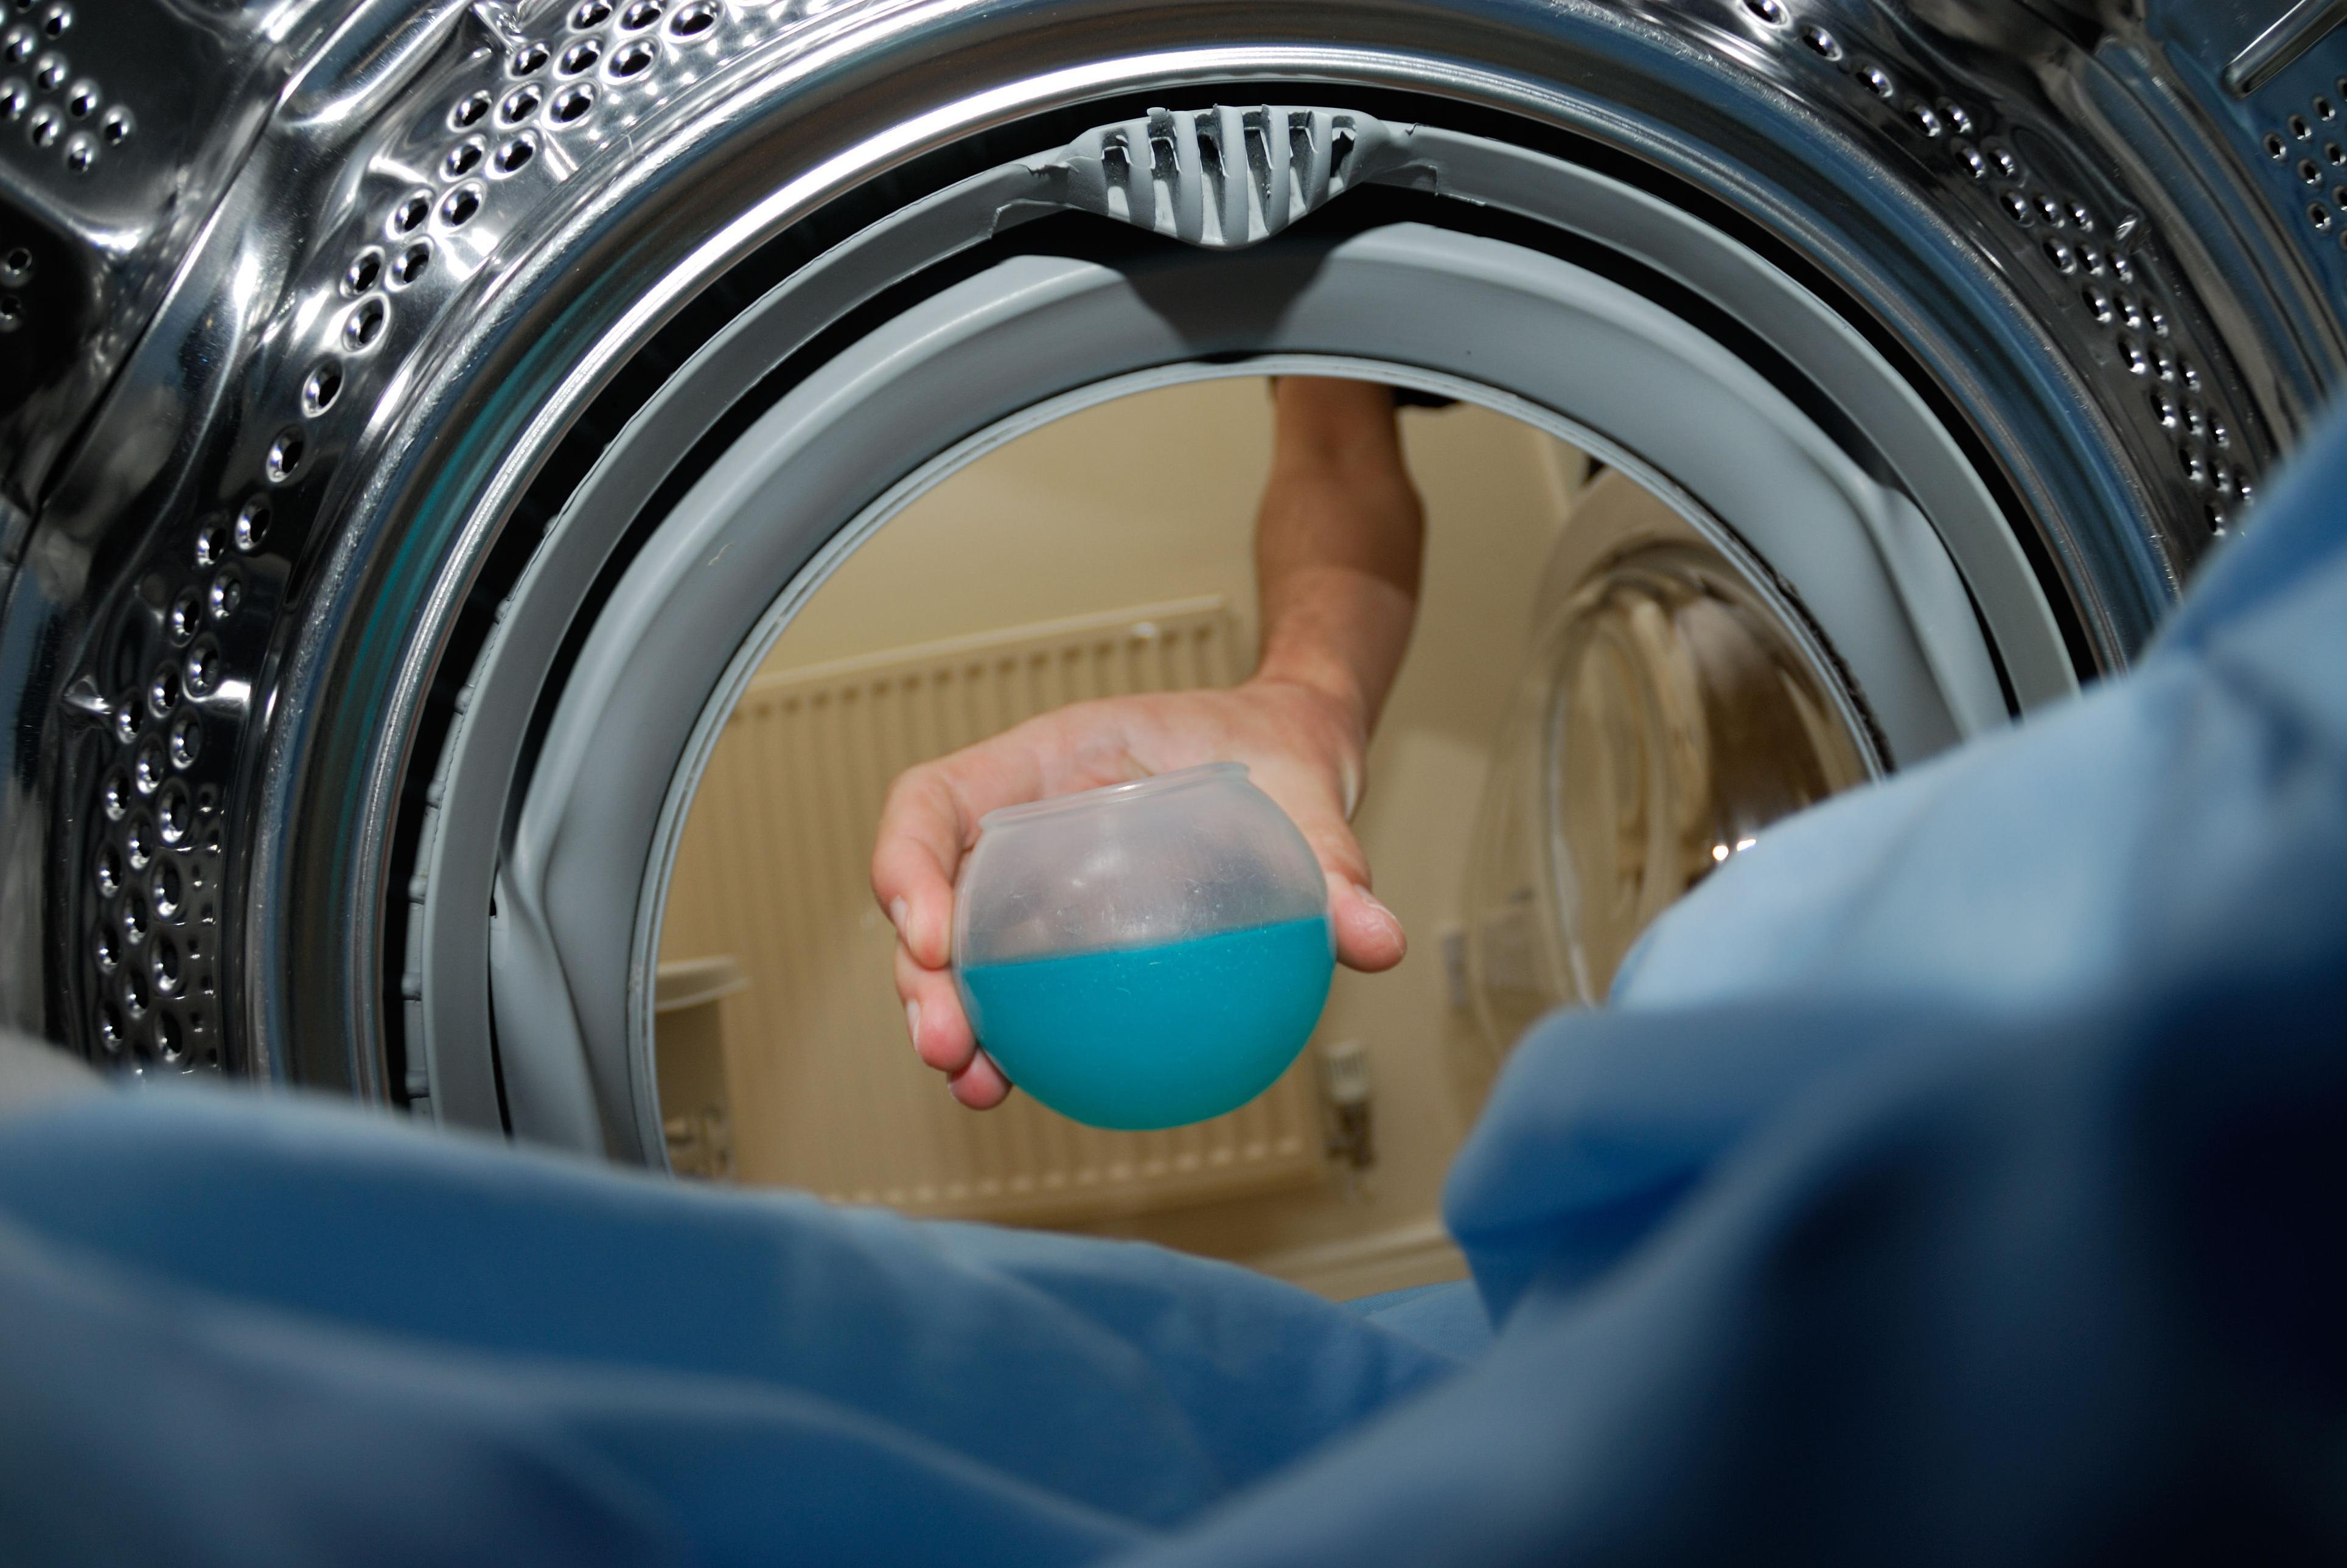 Добавление моющего средства